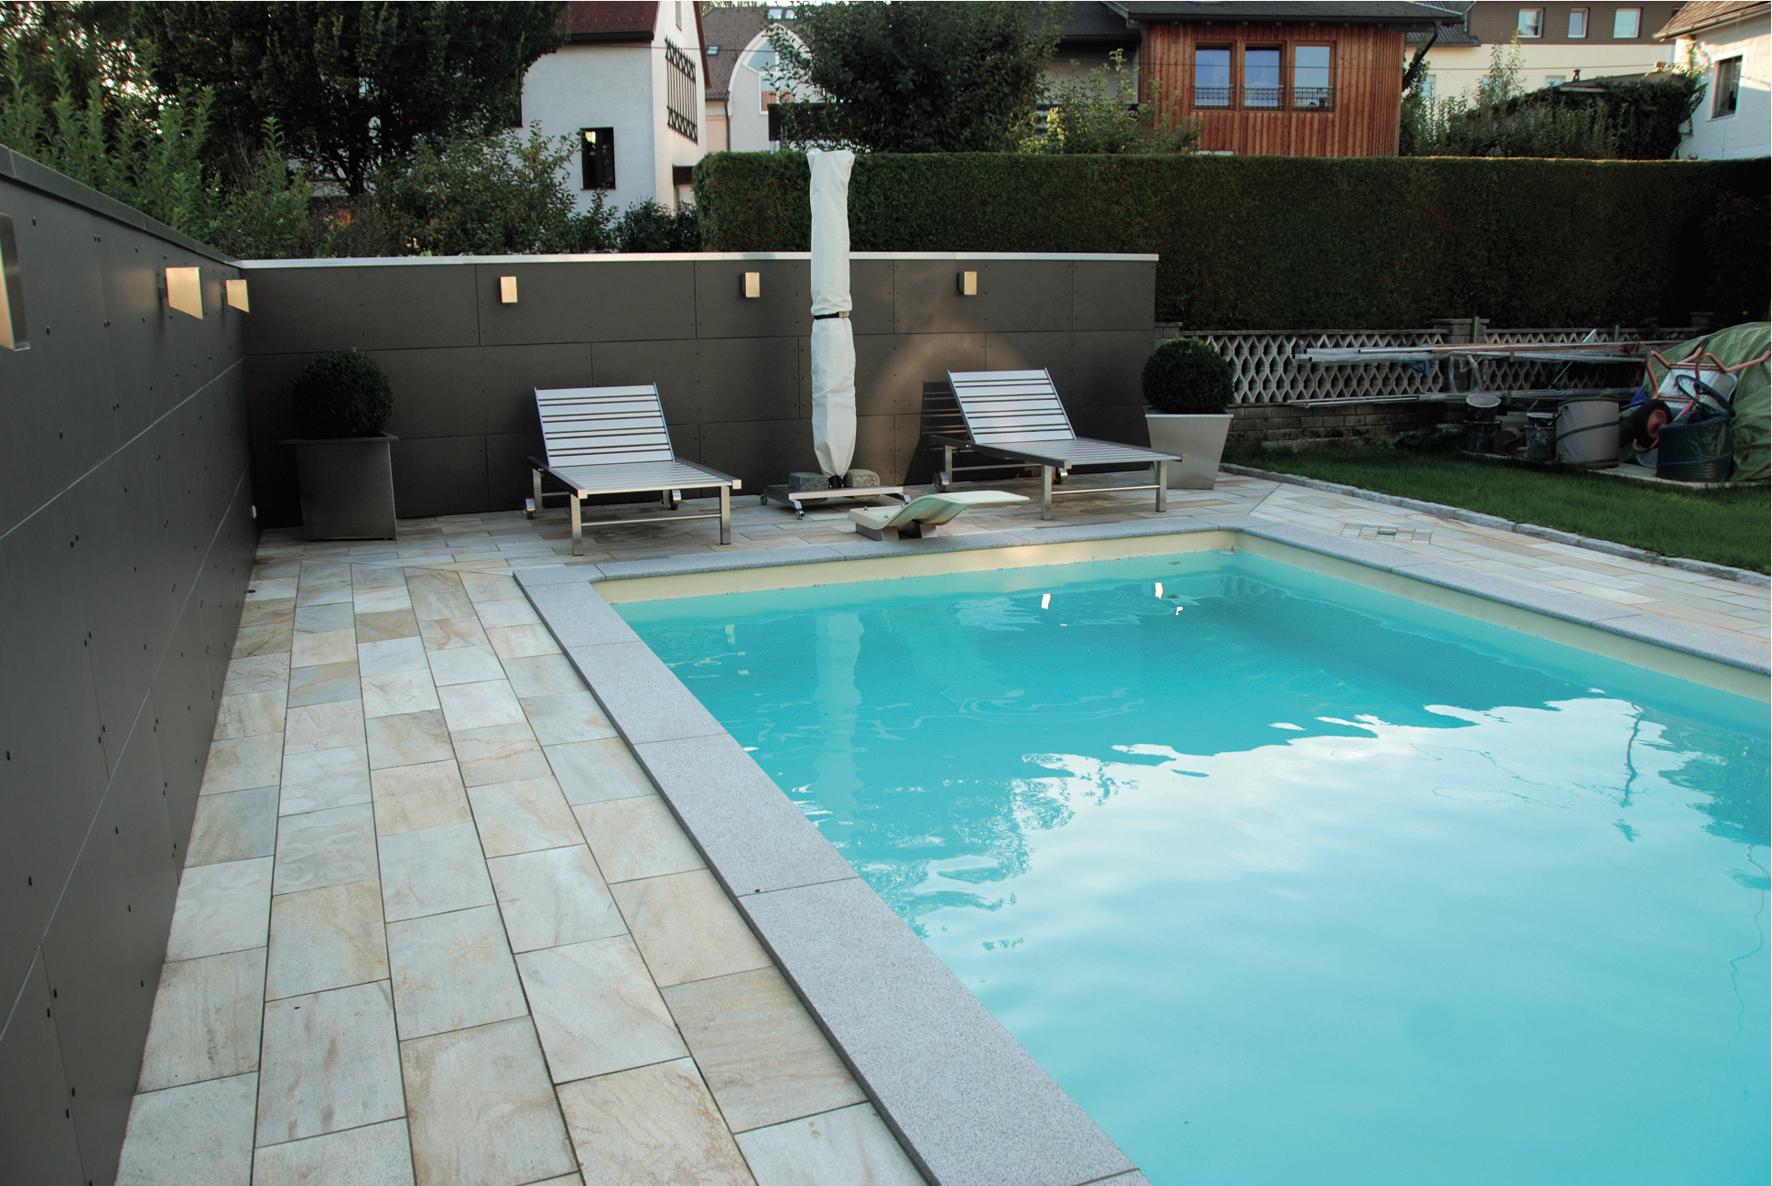 der traum vom eigenen pool selbst bauen oder bauen lassen steirerbecken pools. Black Bedroom Furniture Sets. Home Design Ideas